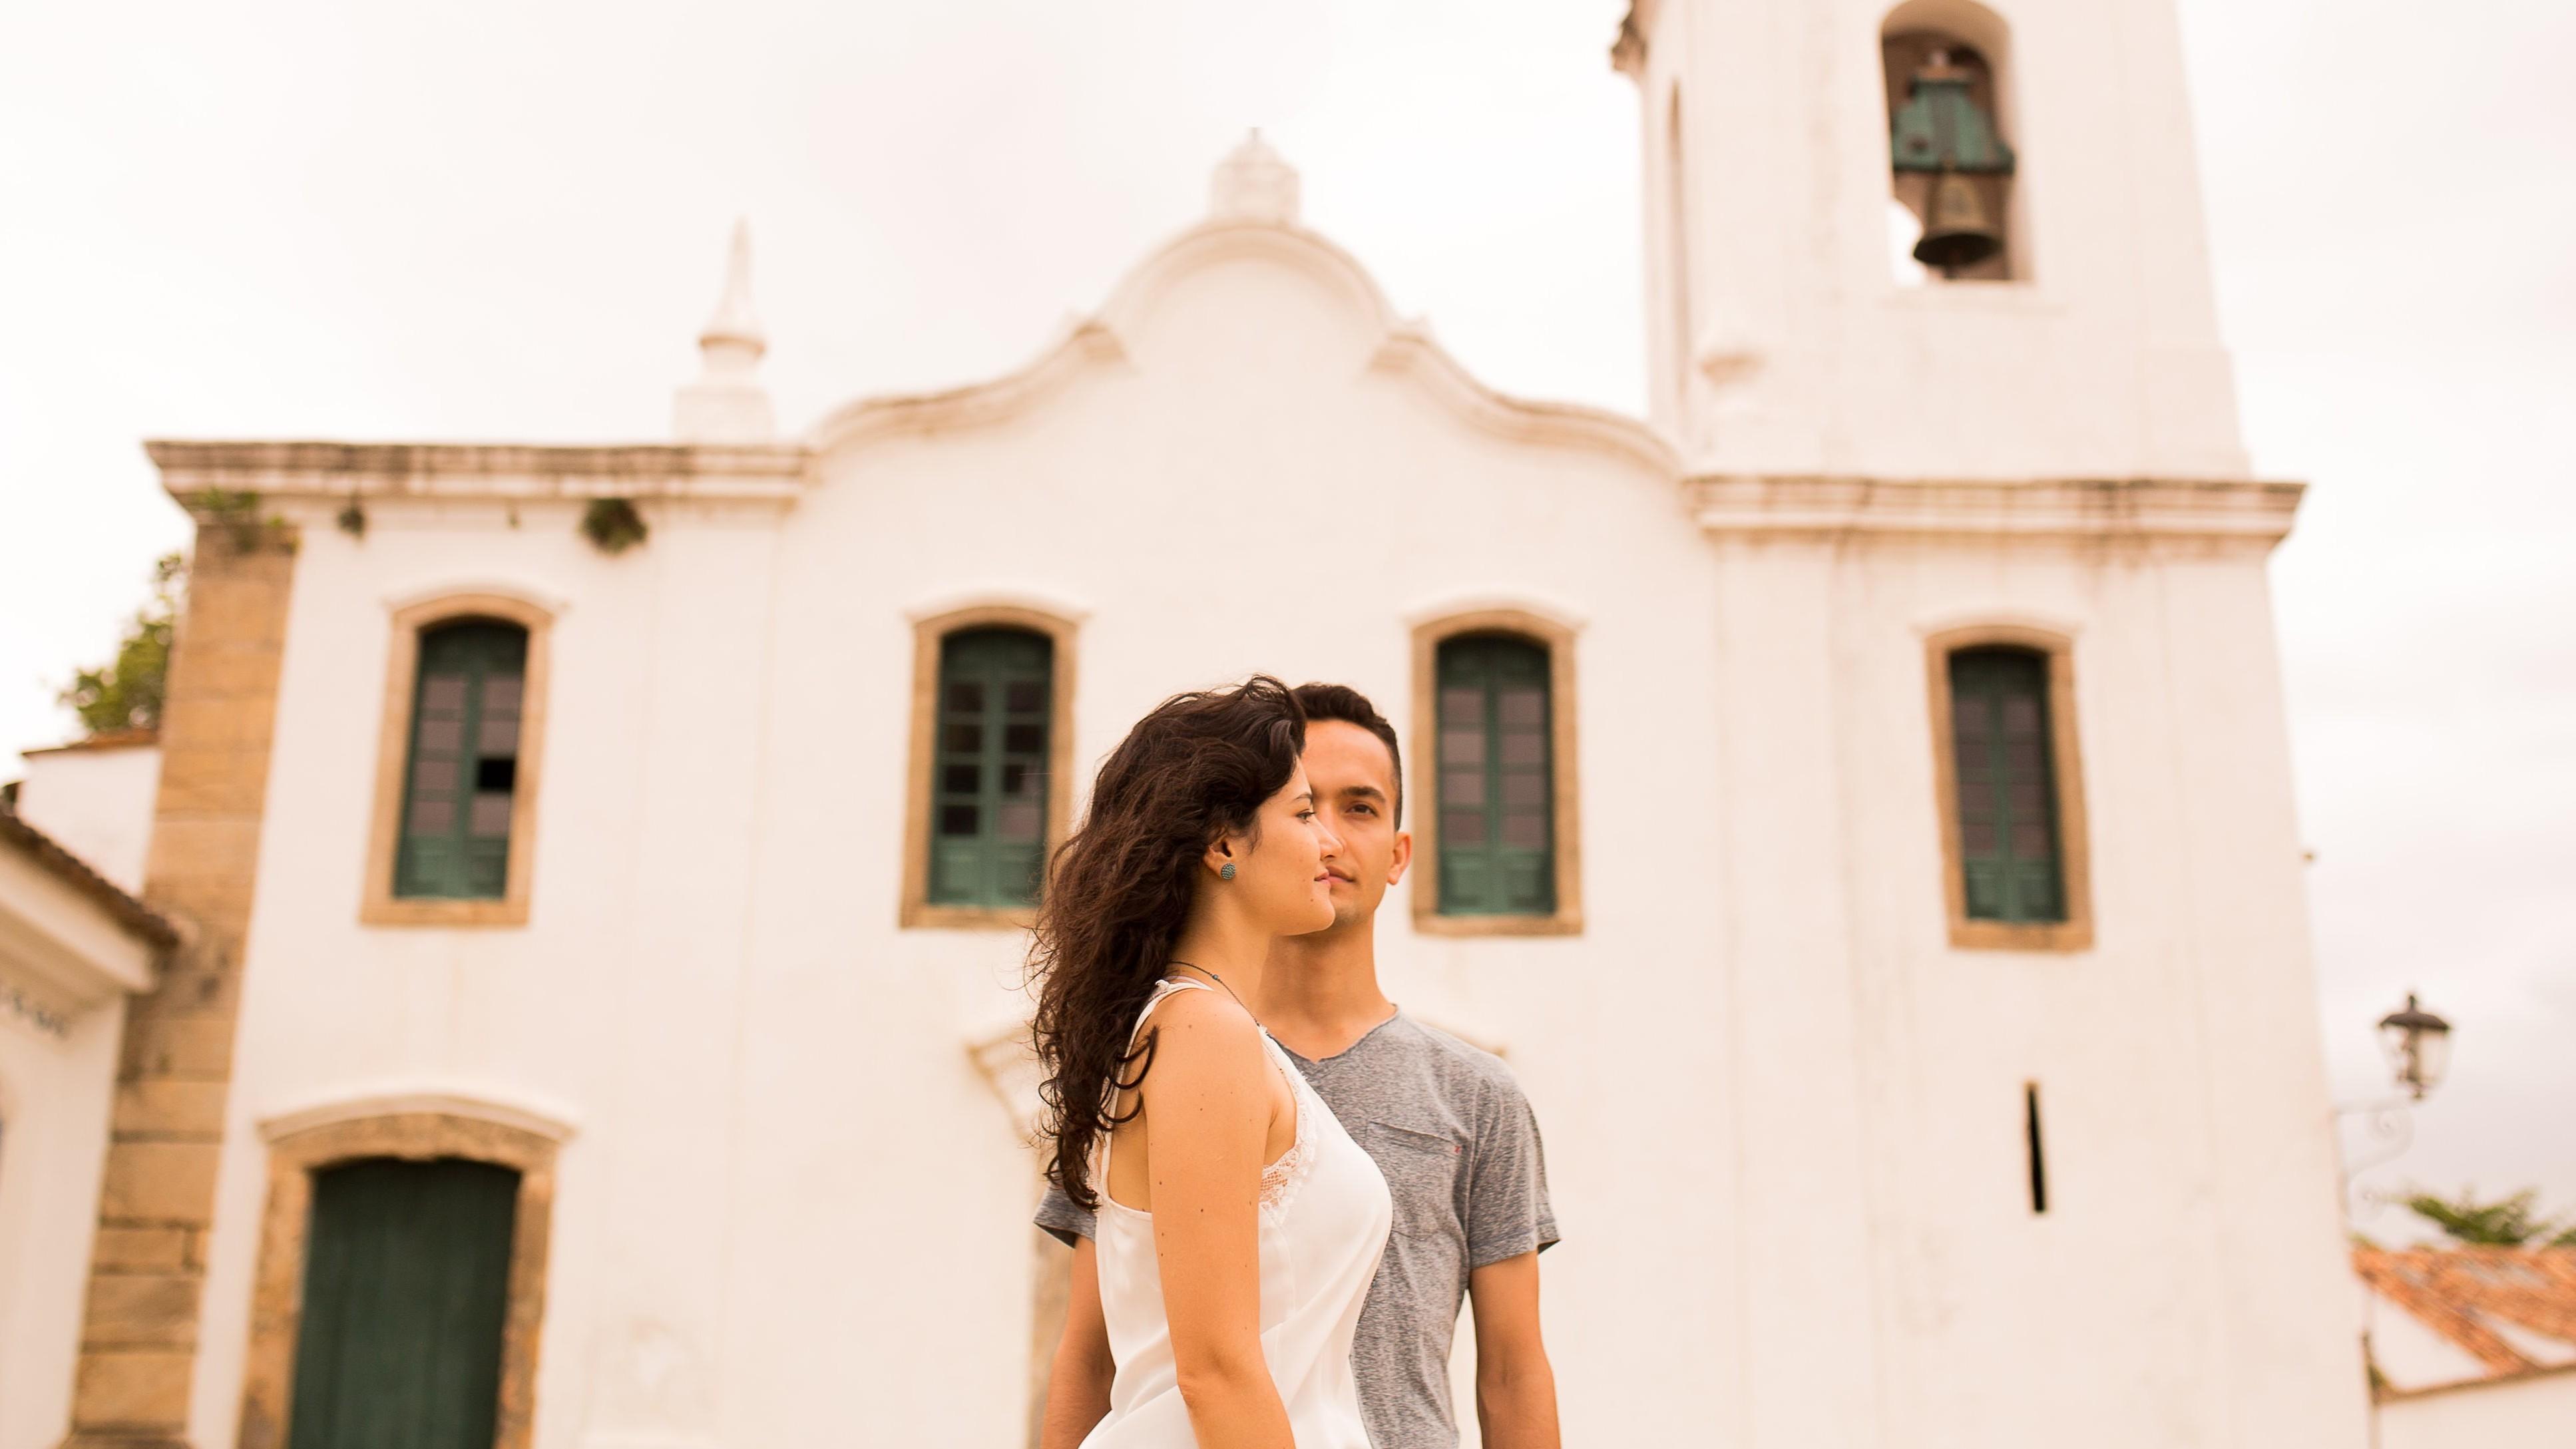 Contate Conto de Fotos - Ensaios e Casamentos